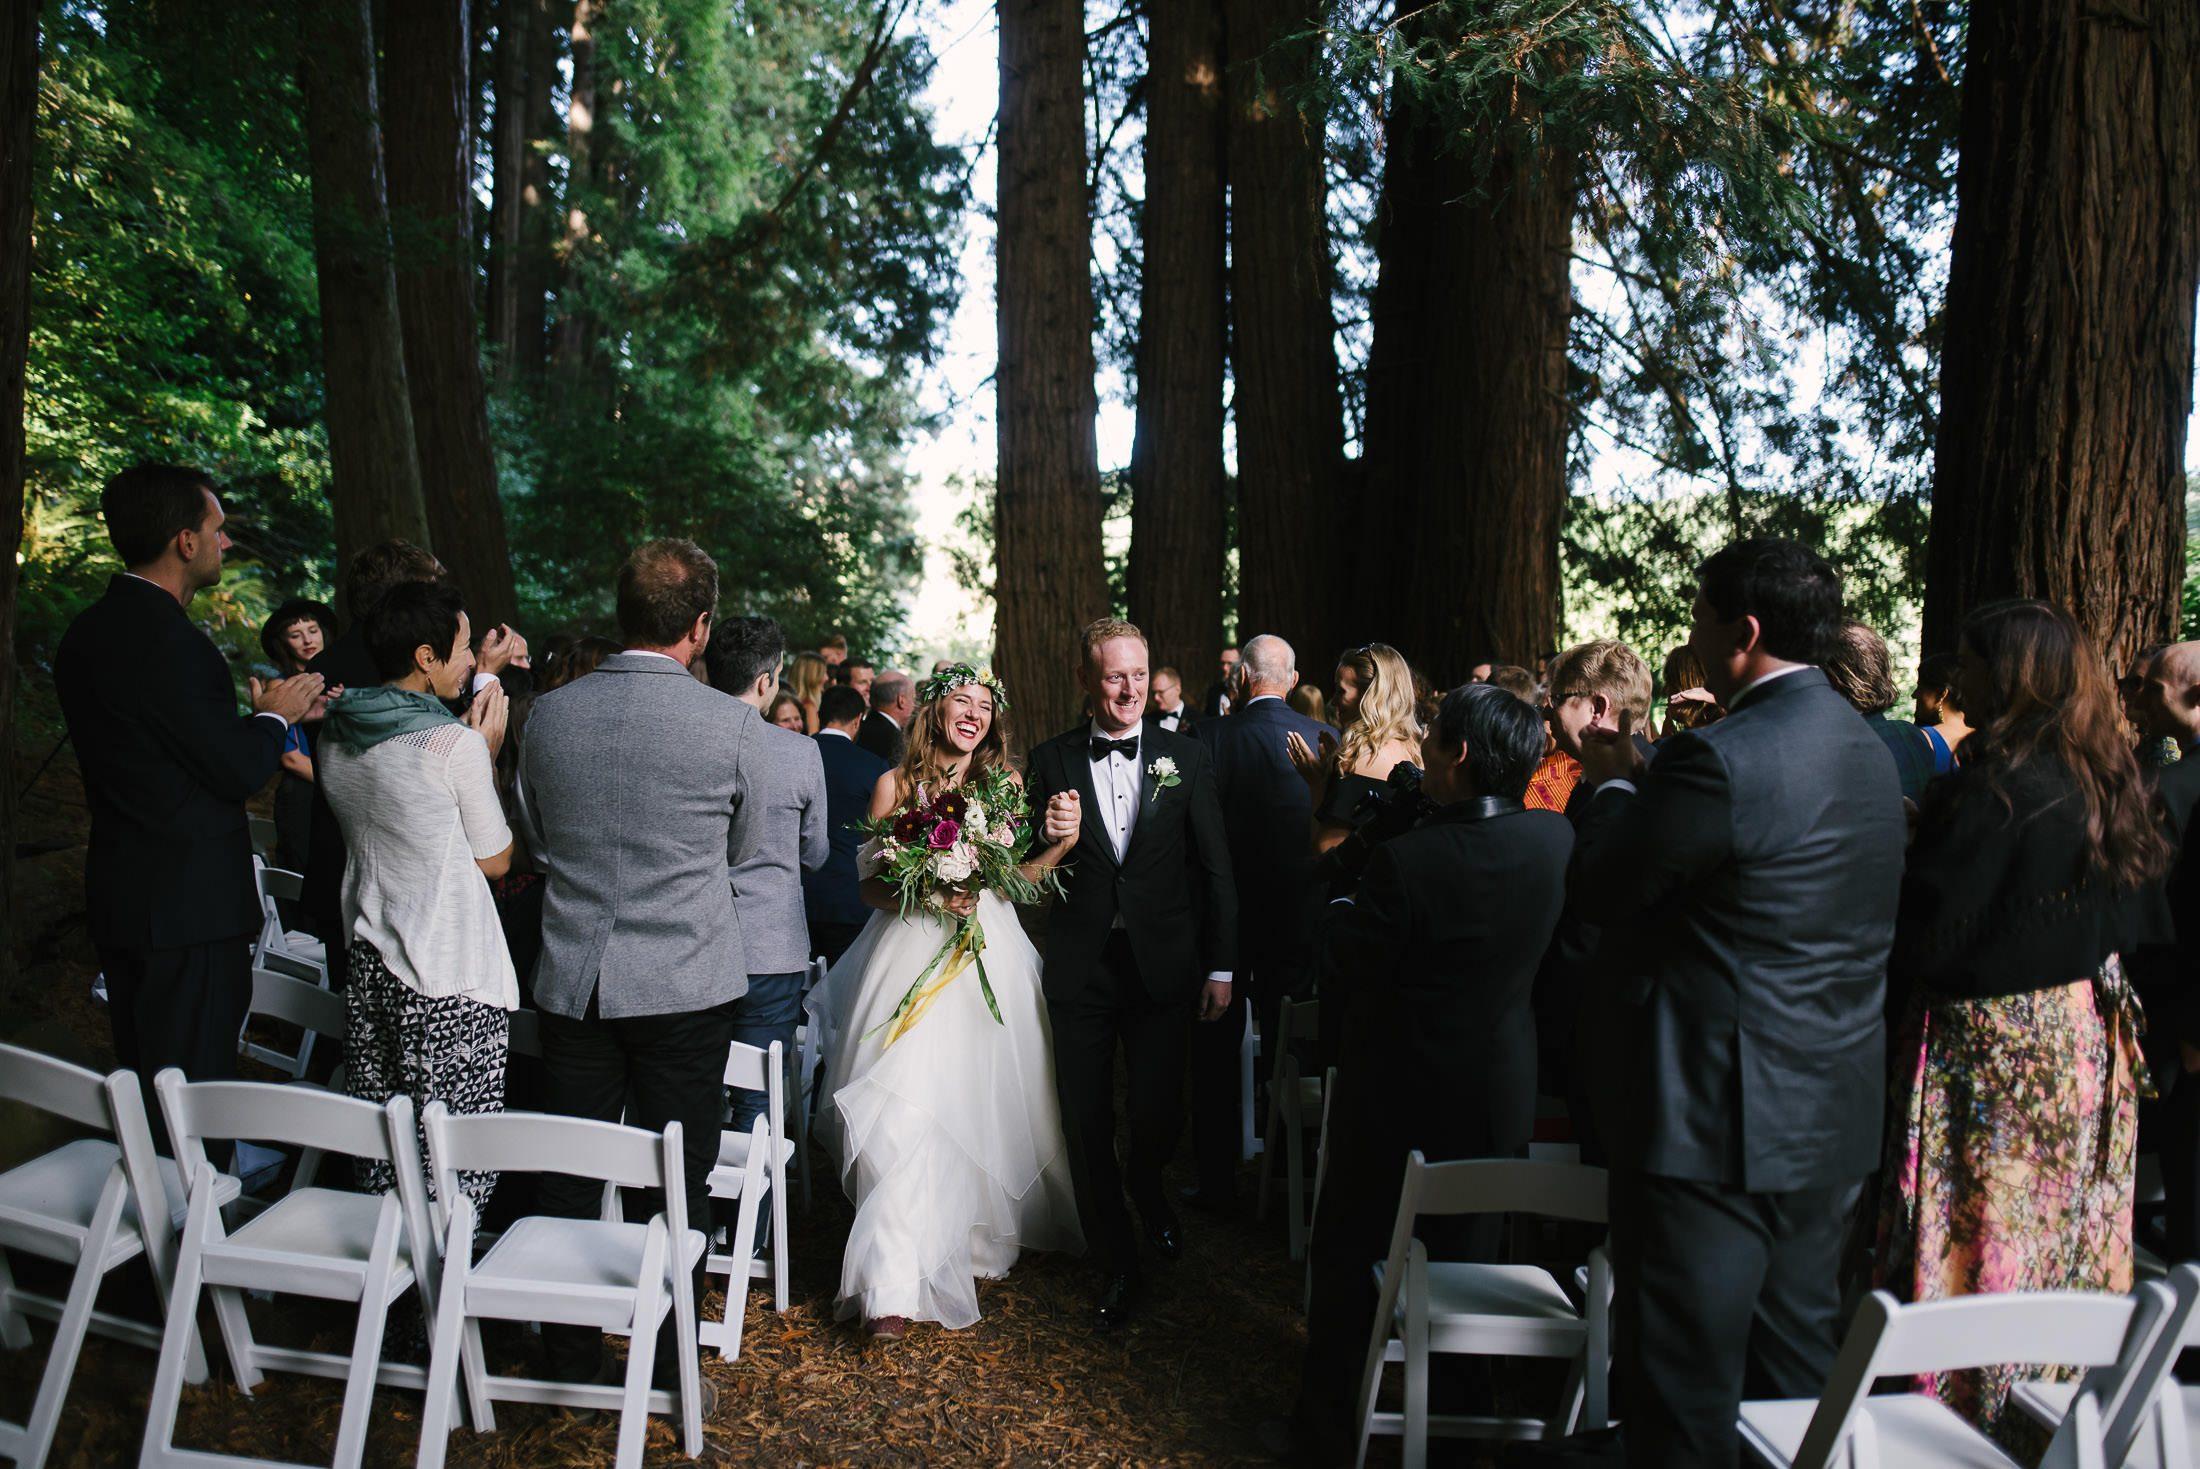 Oz Farm Wedding Ceremony